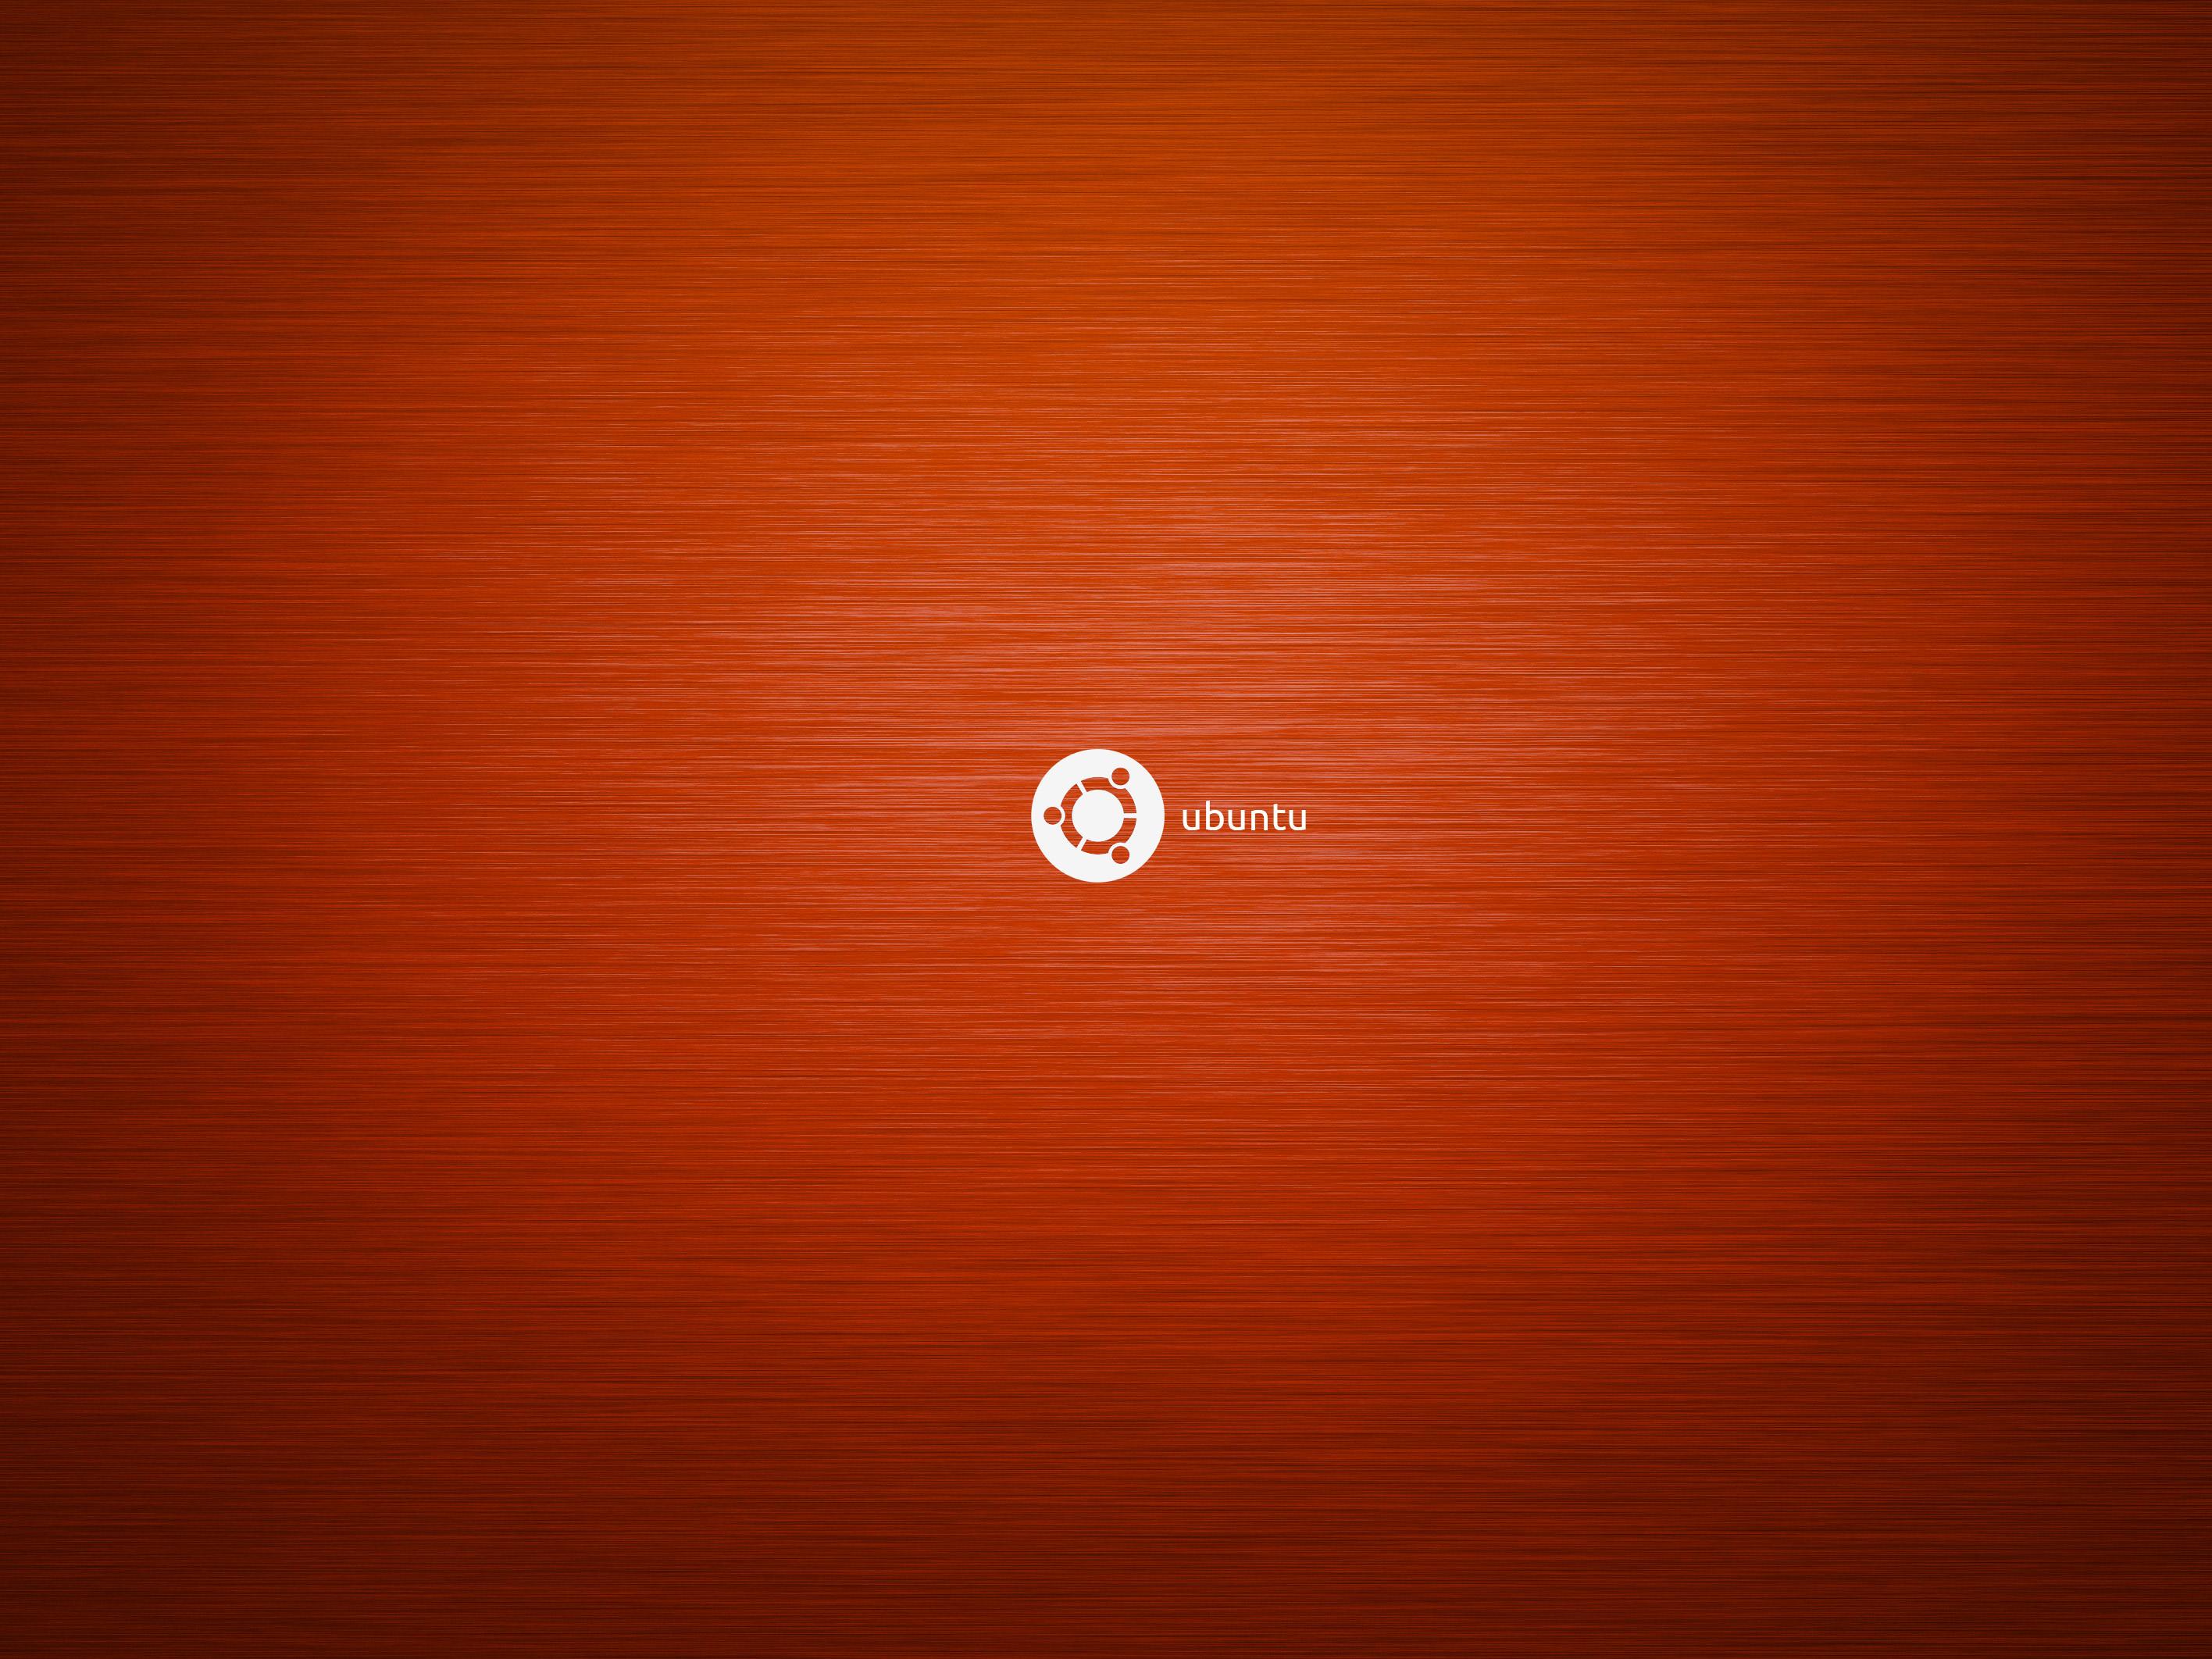 60 beautiful ubuntu desktop wallpapers hongkiat multi ubuntu stopboris Image collections